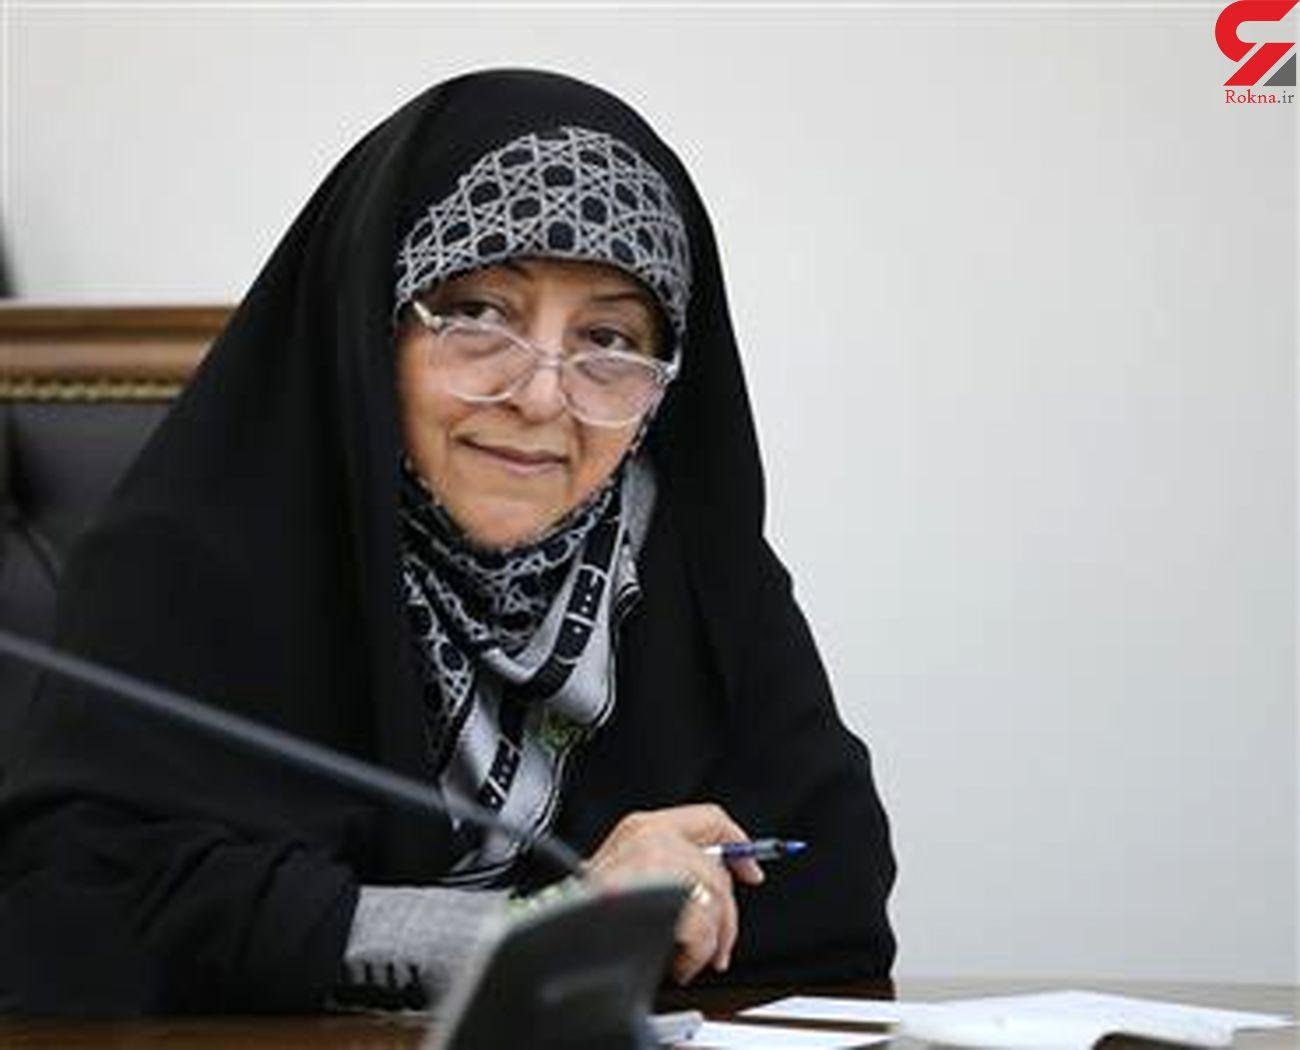 معصومه ابتکار دستور پیگیری ویژه قتل رومینا اشرفی را صادر کرد